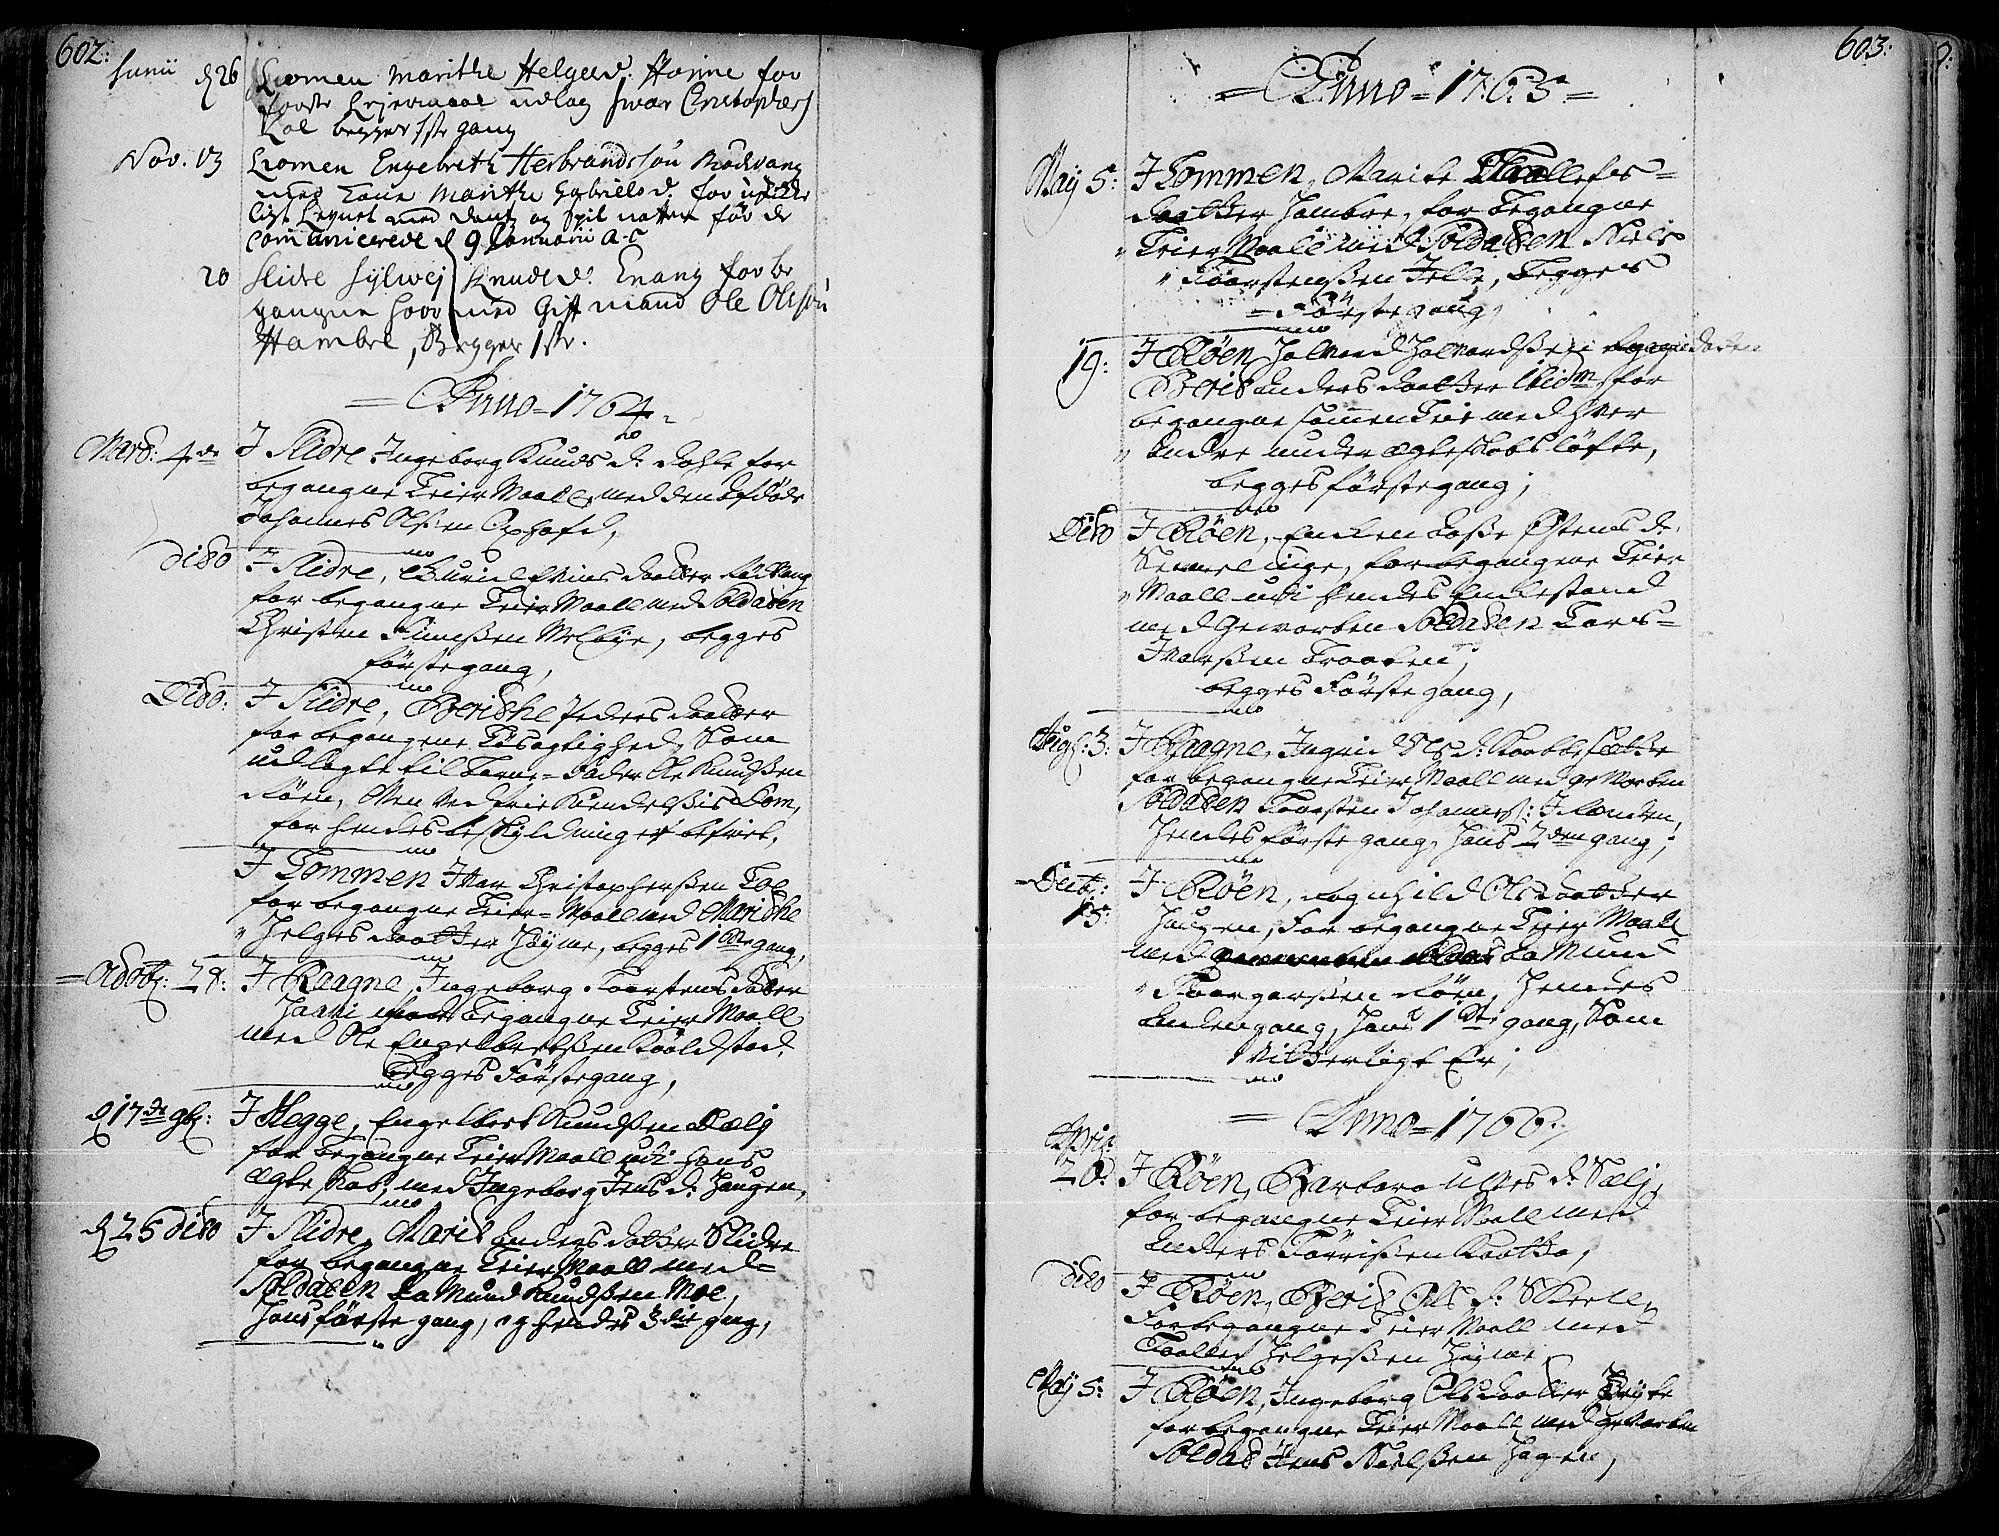 SAH, Slidre prestekontor, Ministerialbok nr. 1, 1724-1814, s. 602-603